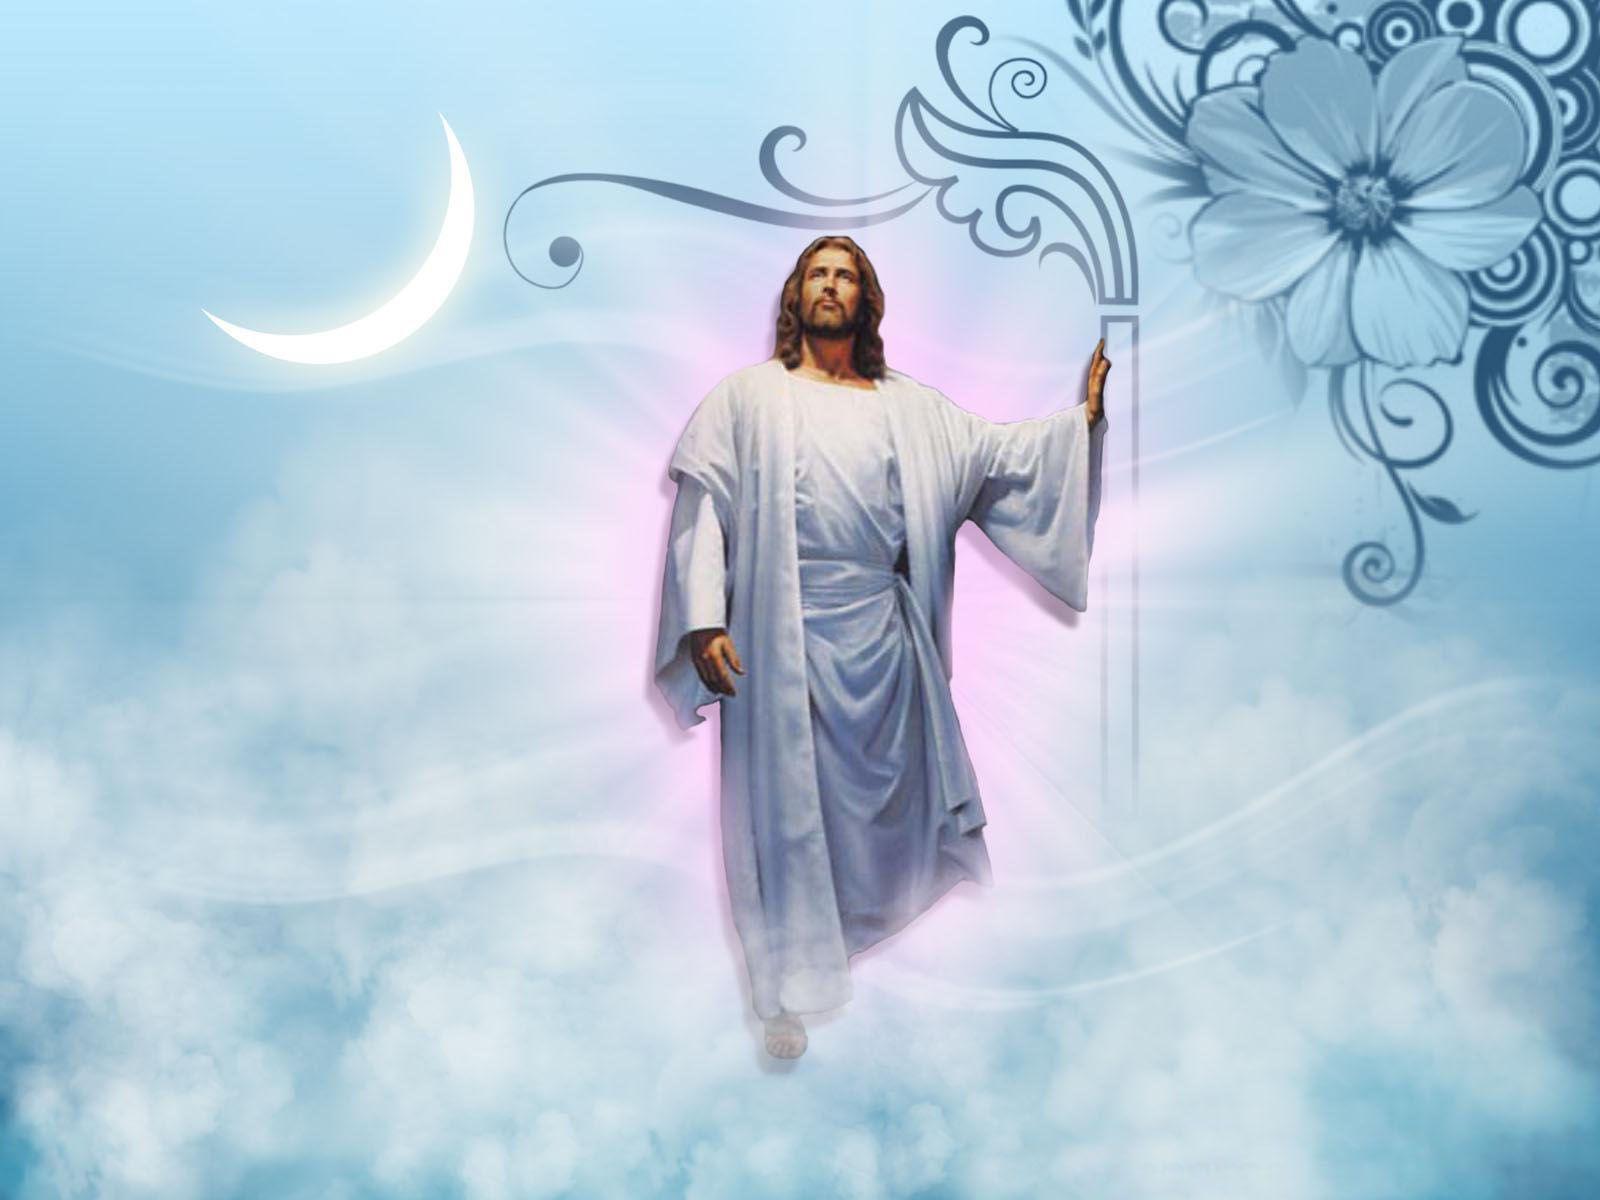 jesus wallpaper last words of jesus jesus christ images 1600x1200